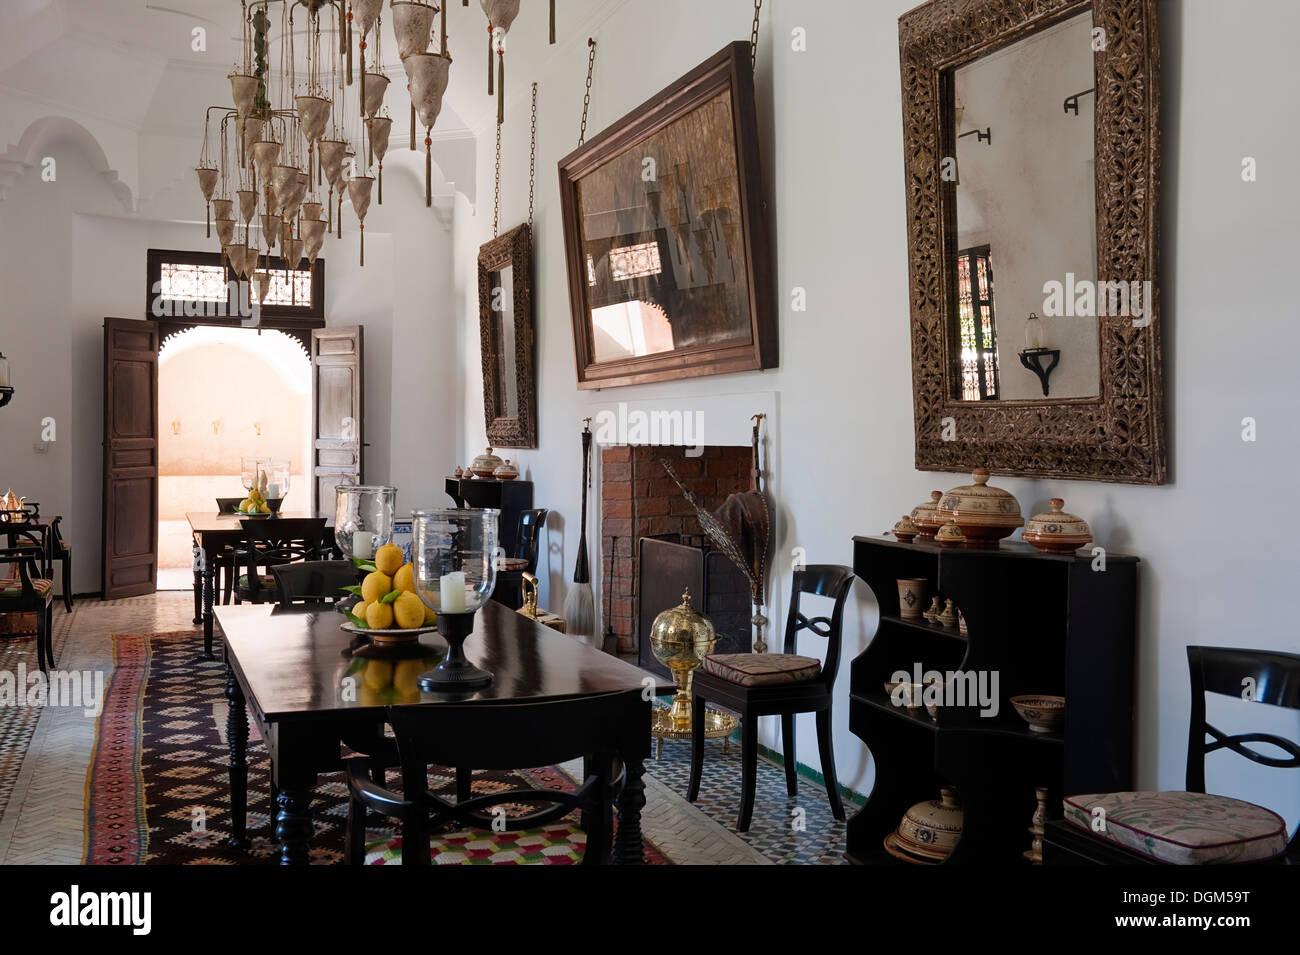 Cool Schöne Einrichtung Foto Von Schöne Marokkanische Von Bekannten Design-duo - Raynaud